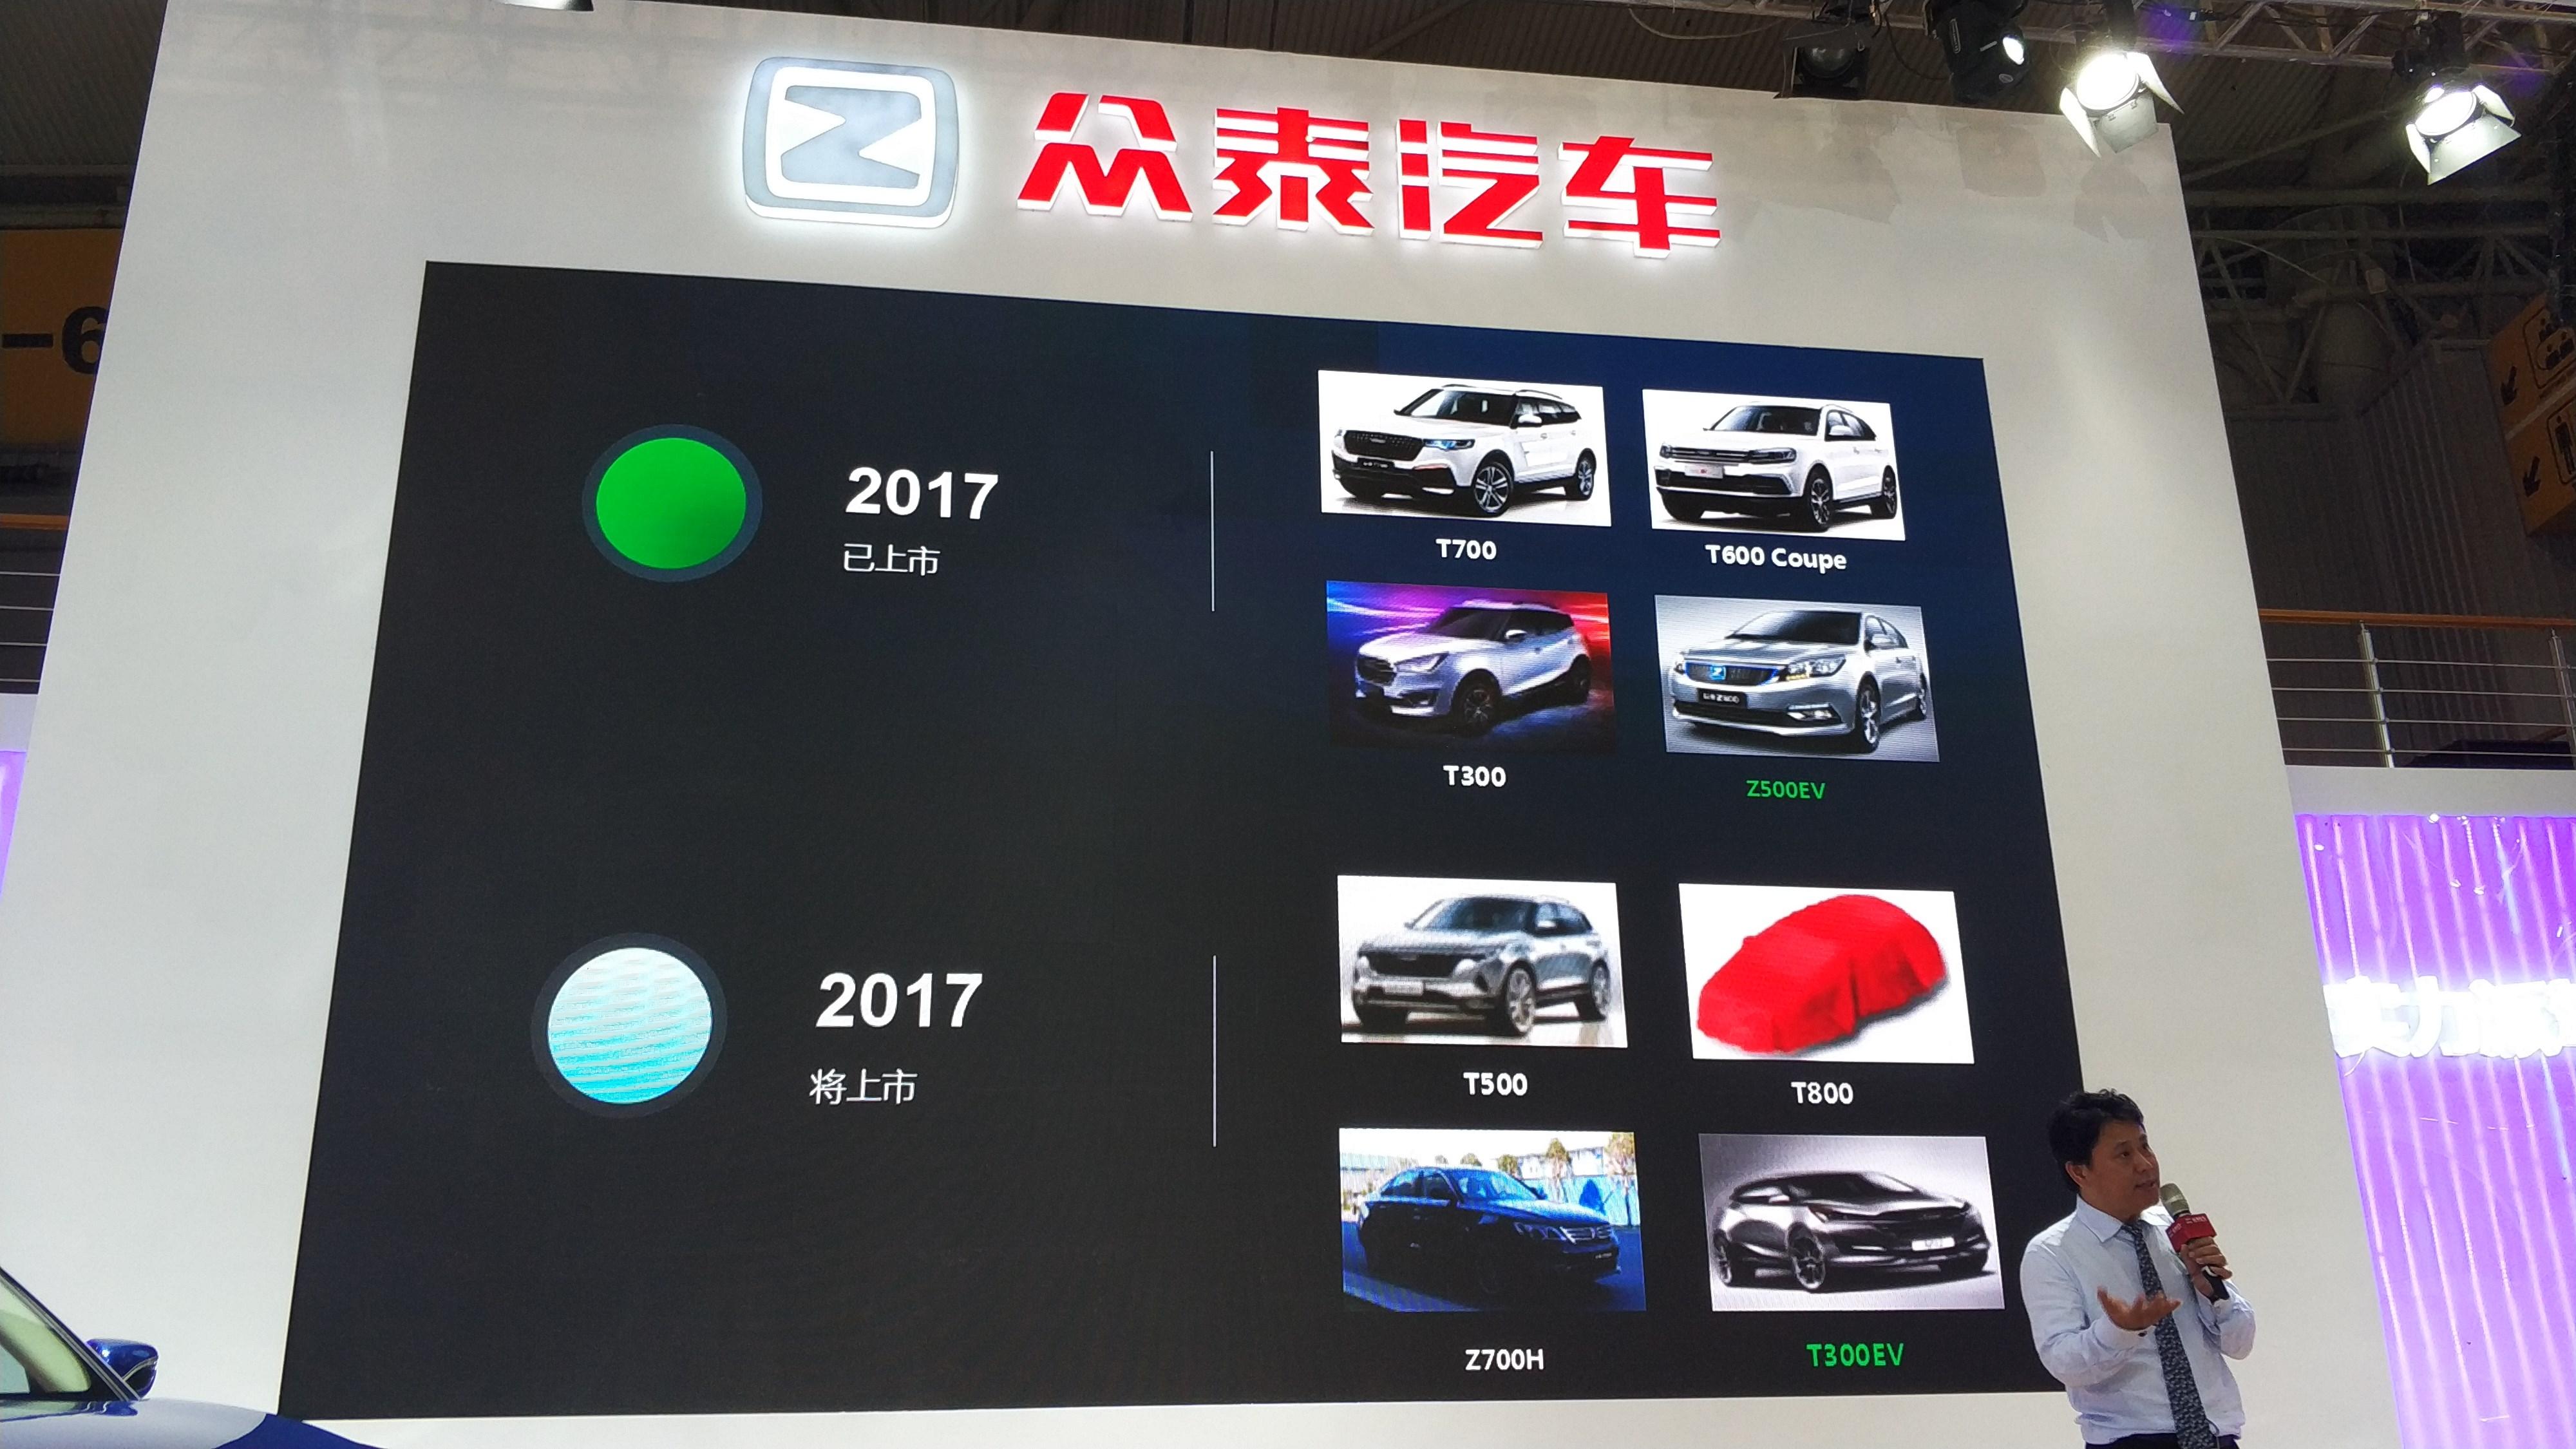 众泰汽车将推四款新车 涵盖轿车/SUV/电动车